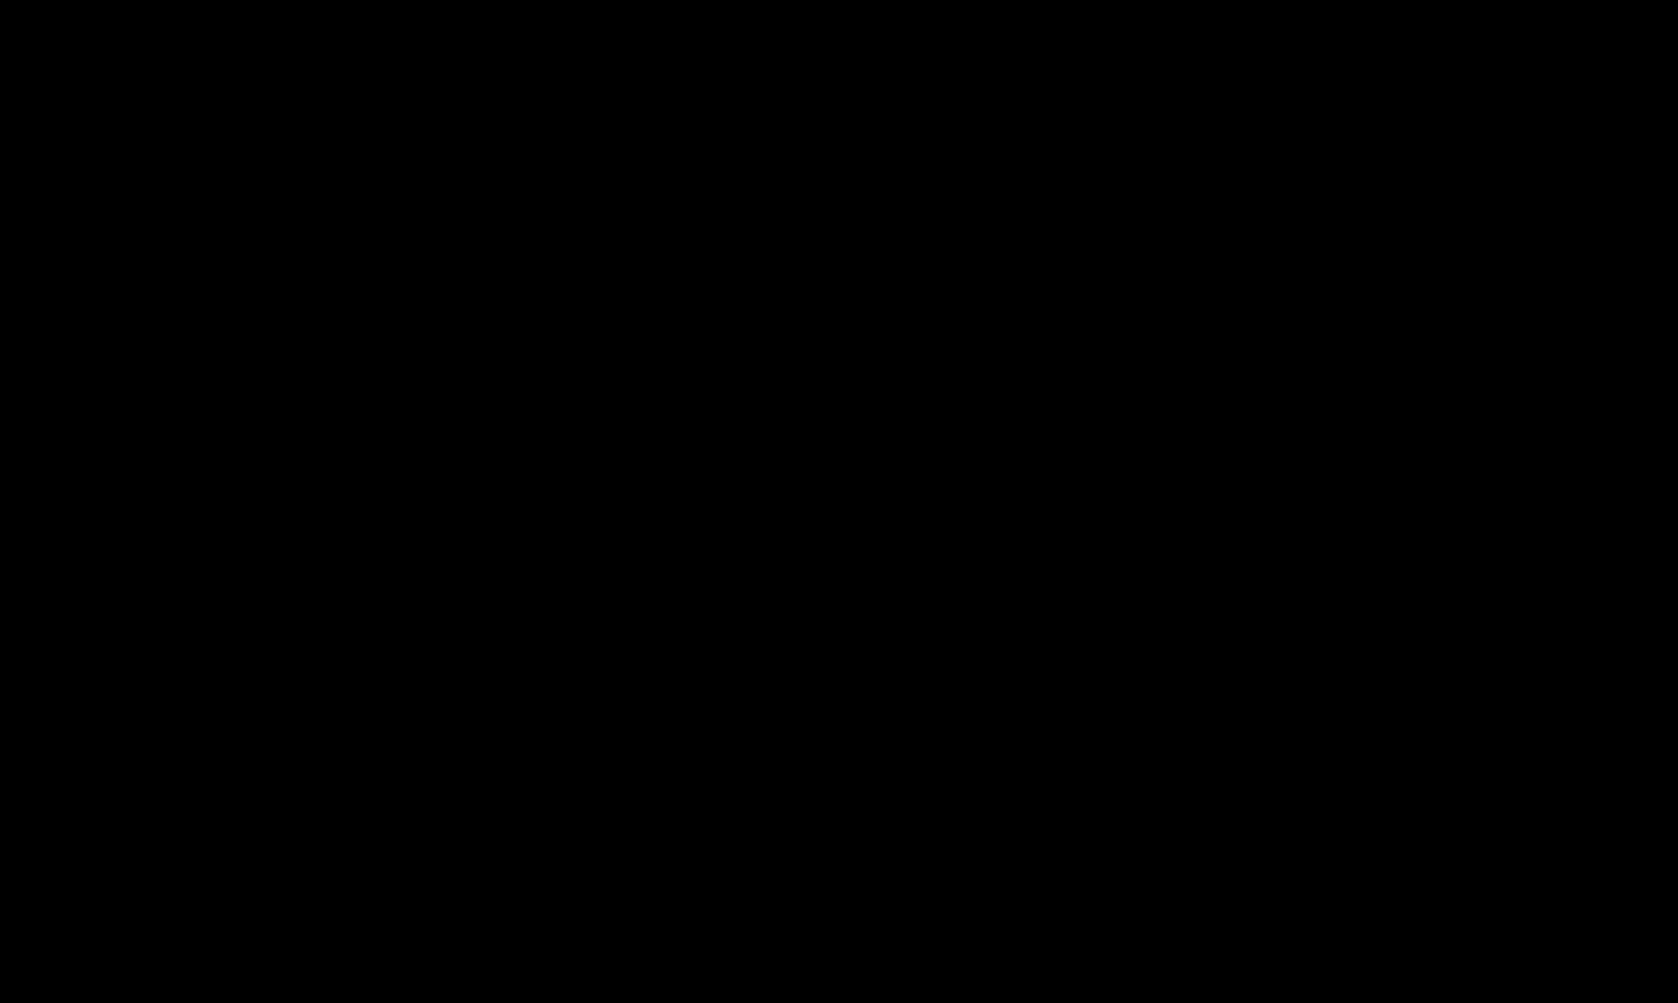 Carboxyl-dPEG®₄-(m-dPEG®₄)₃